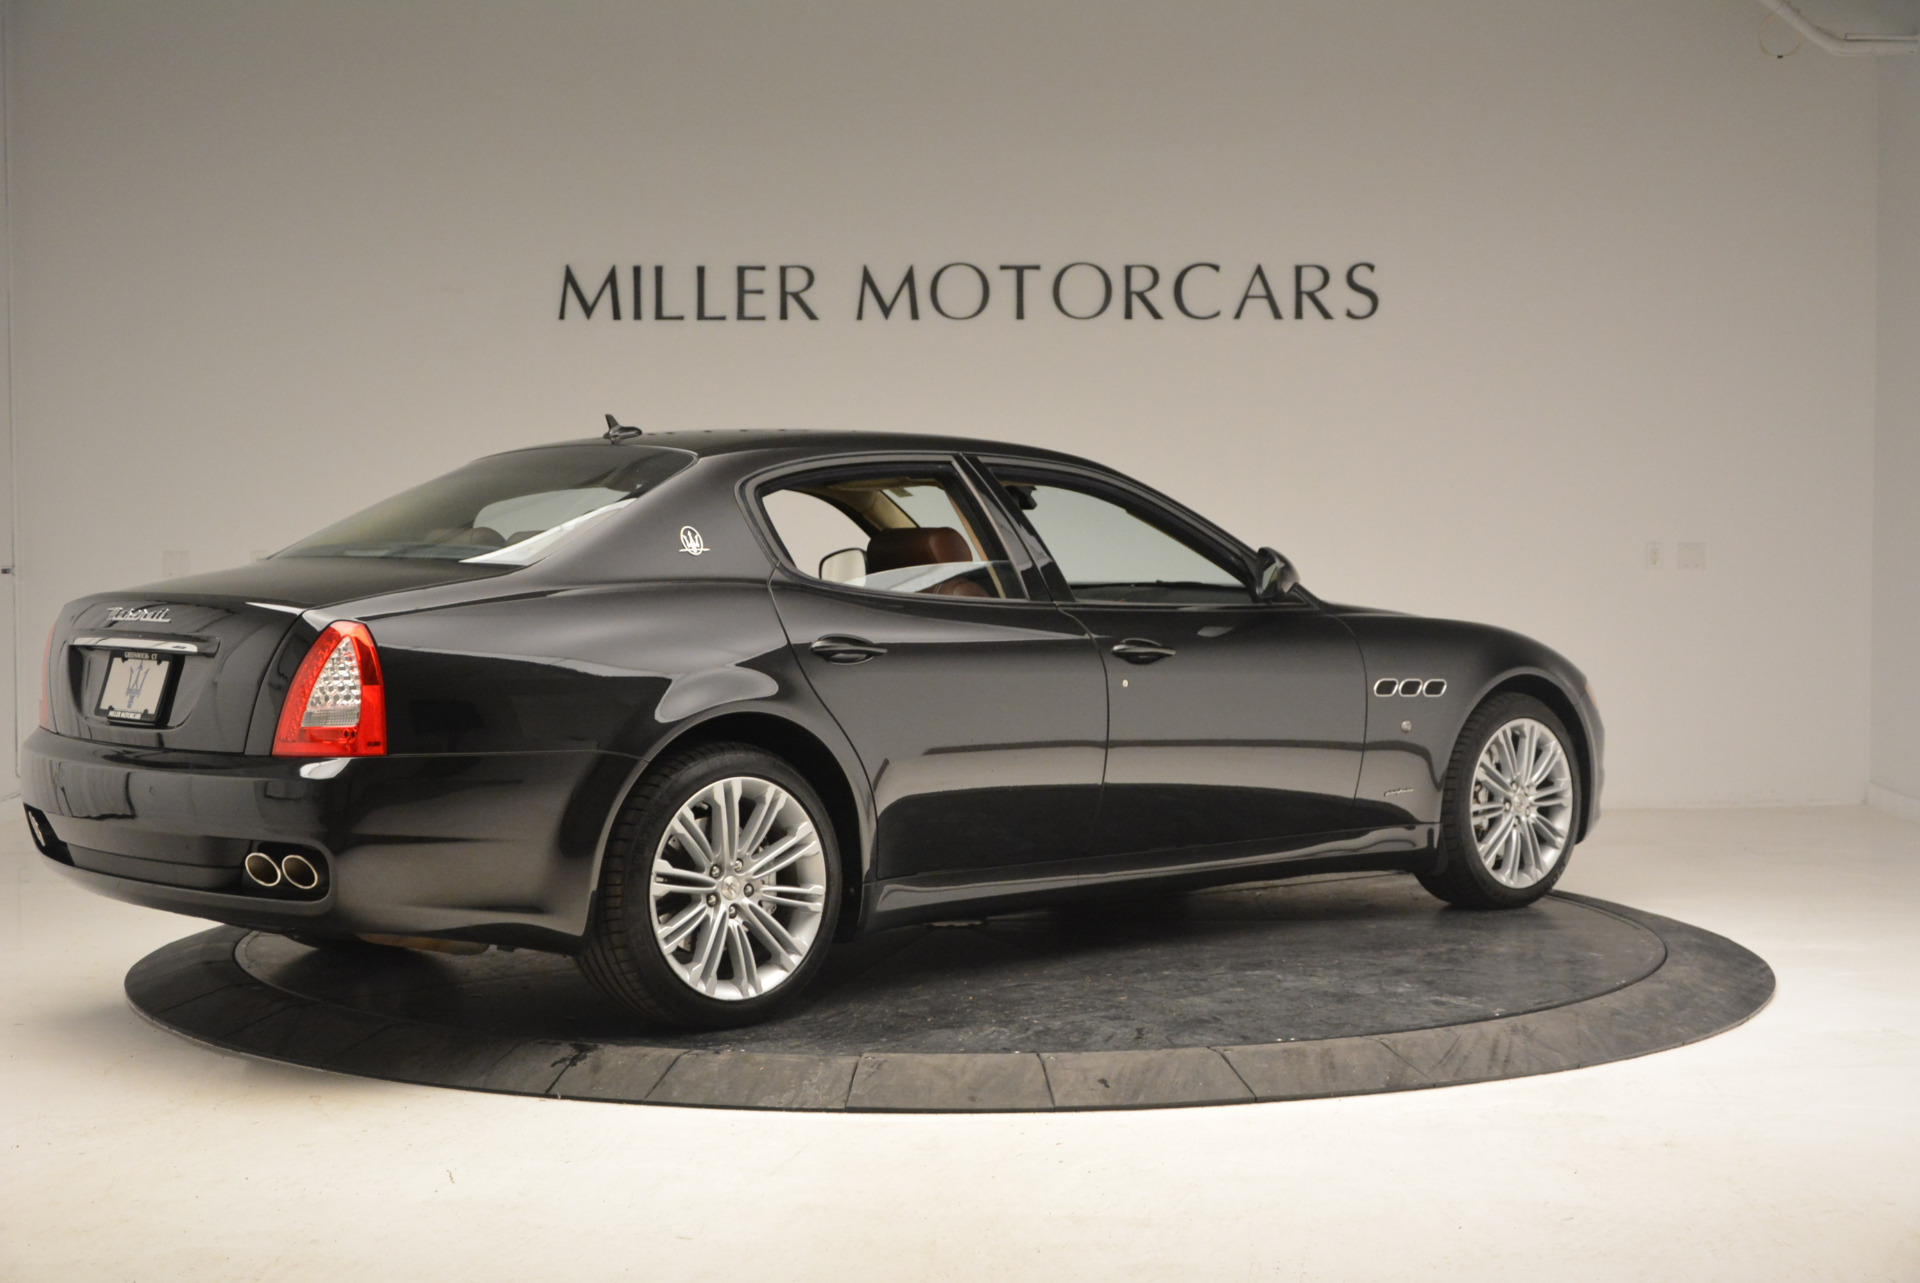 Used 2013 Maserati Quattroporte S For Sale In Greenwich, CT 1012_p8